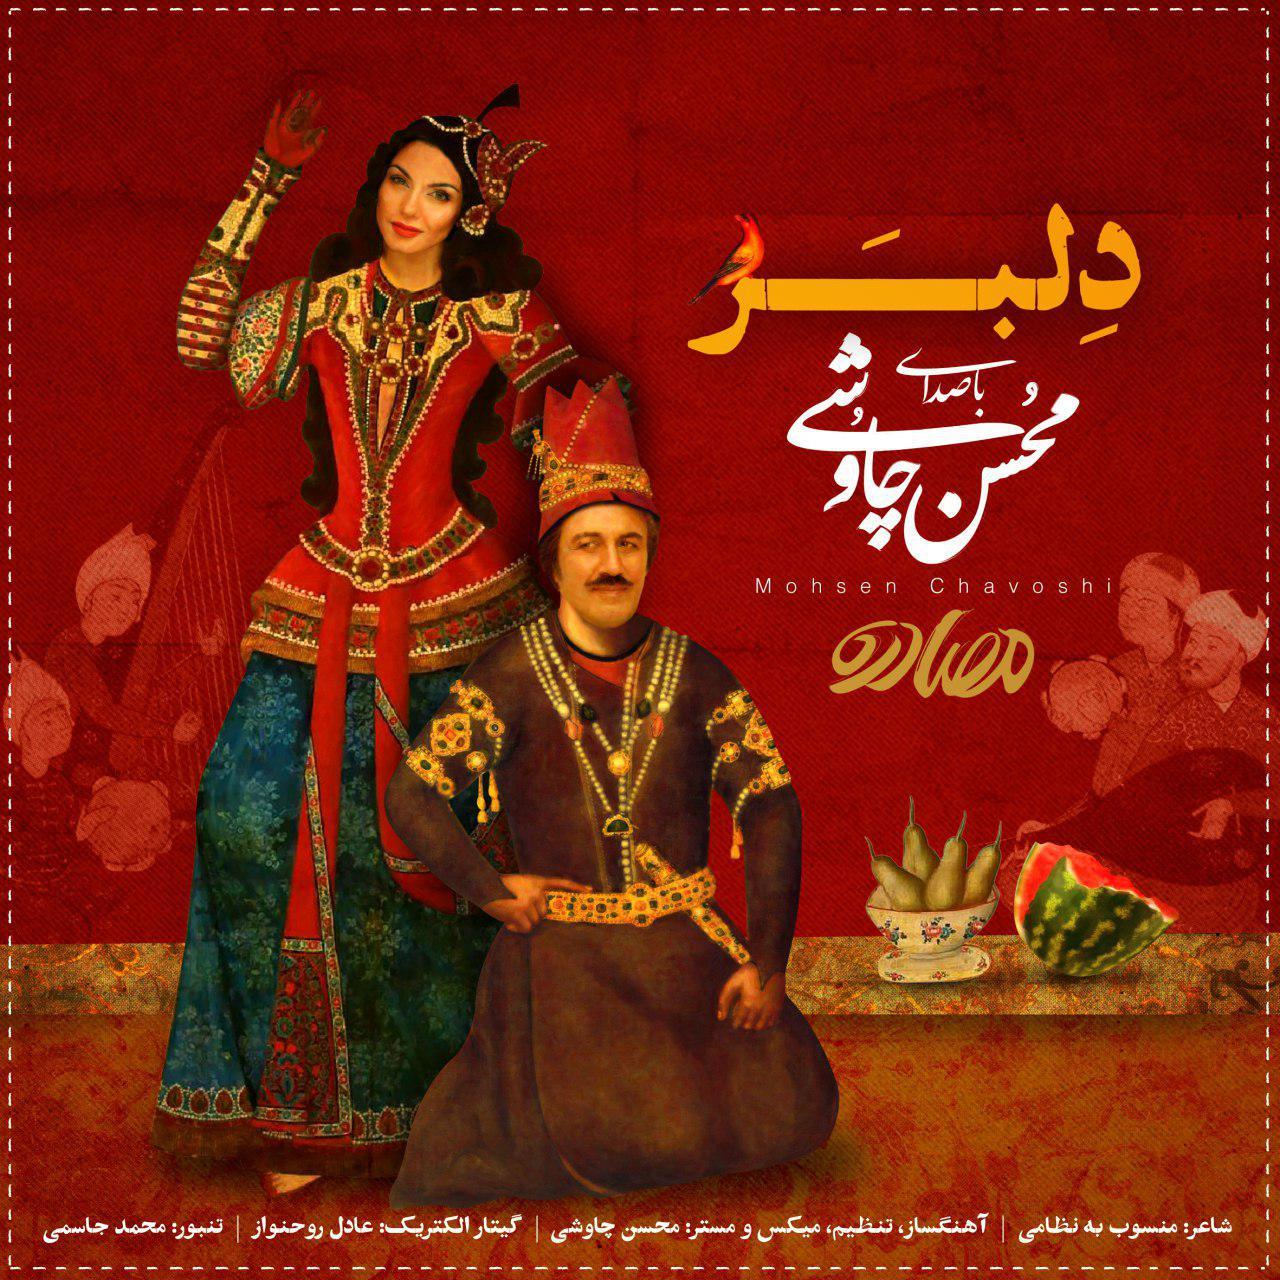 محسن چاوشی به نام دلبر